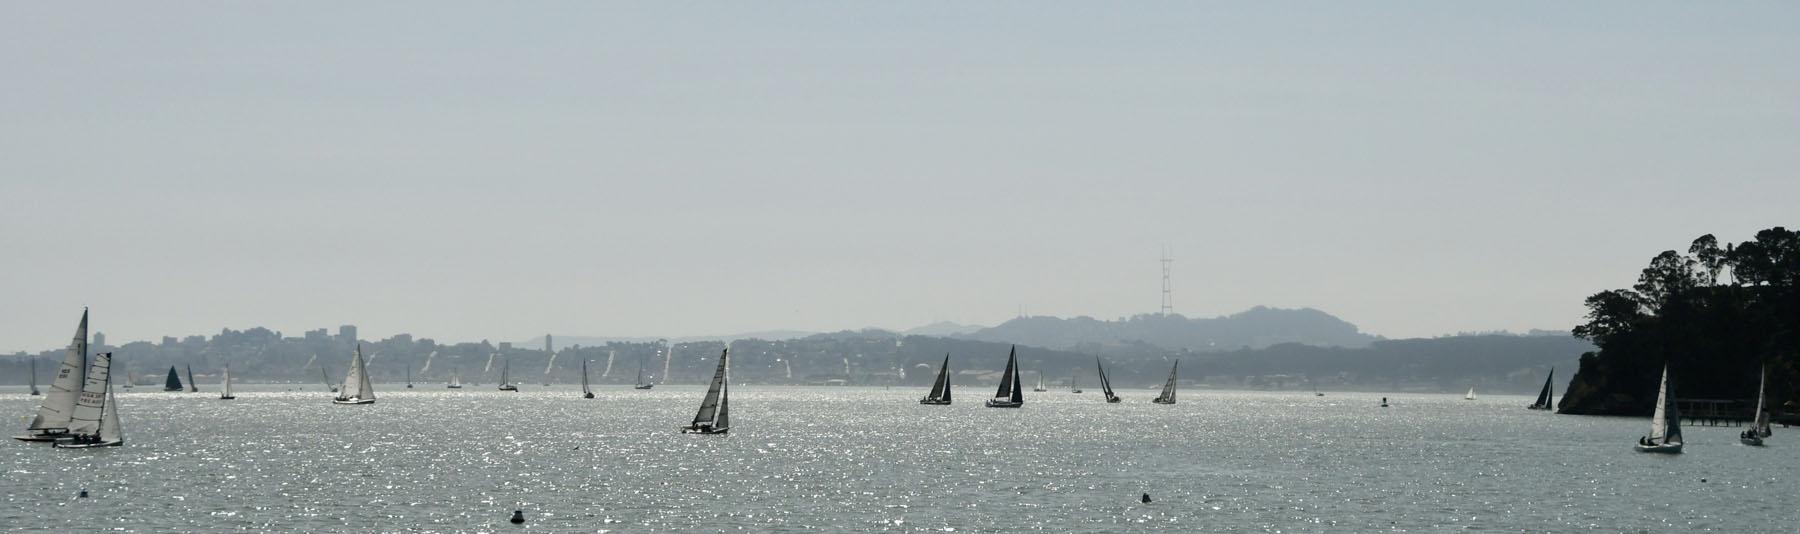 SF Bay Sailing